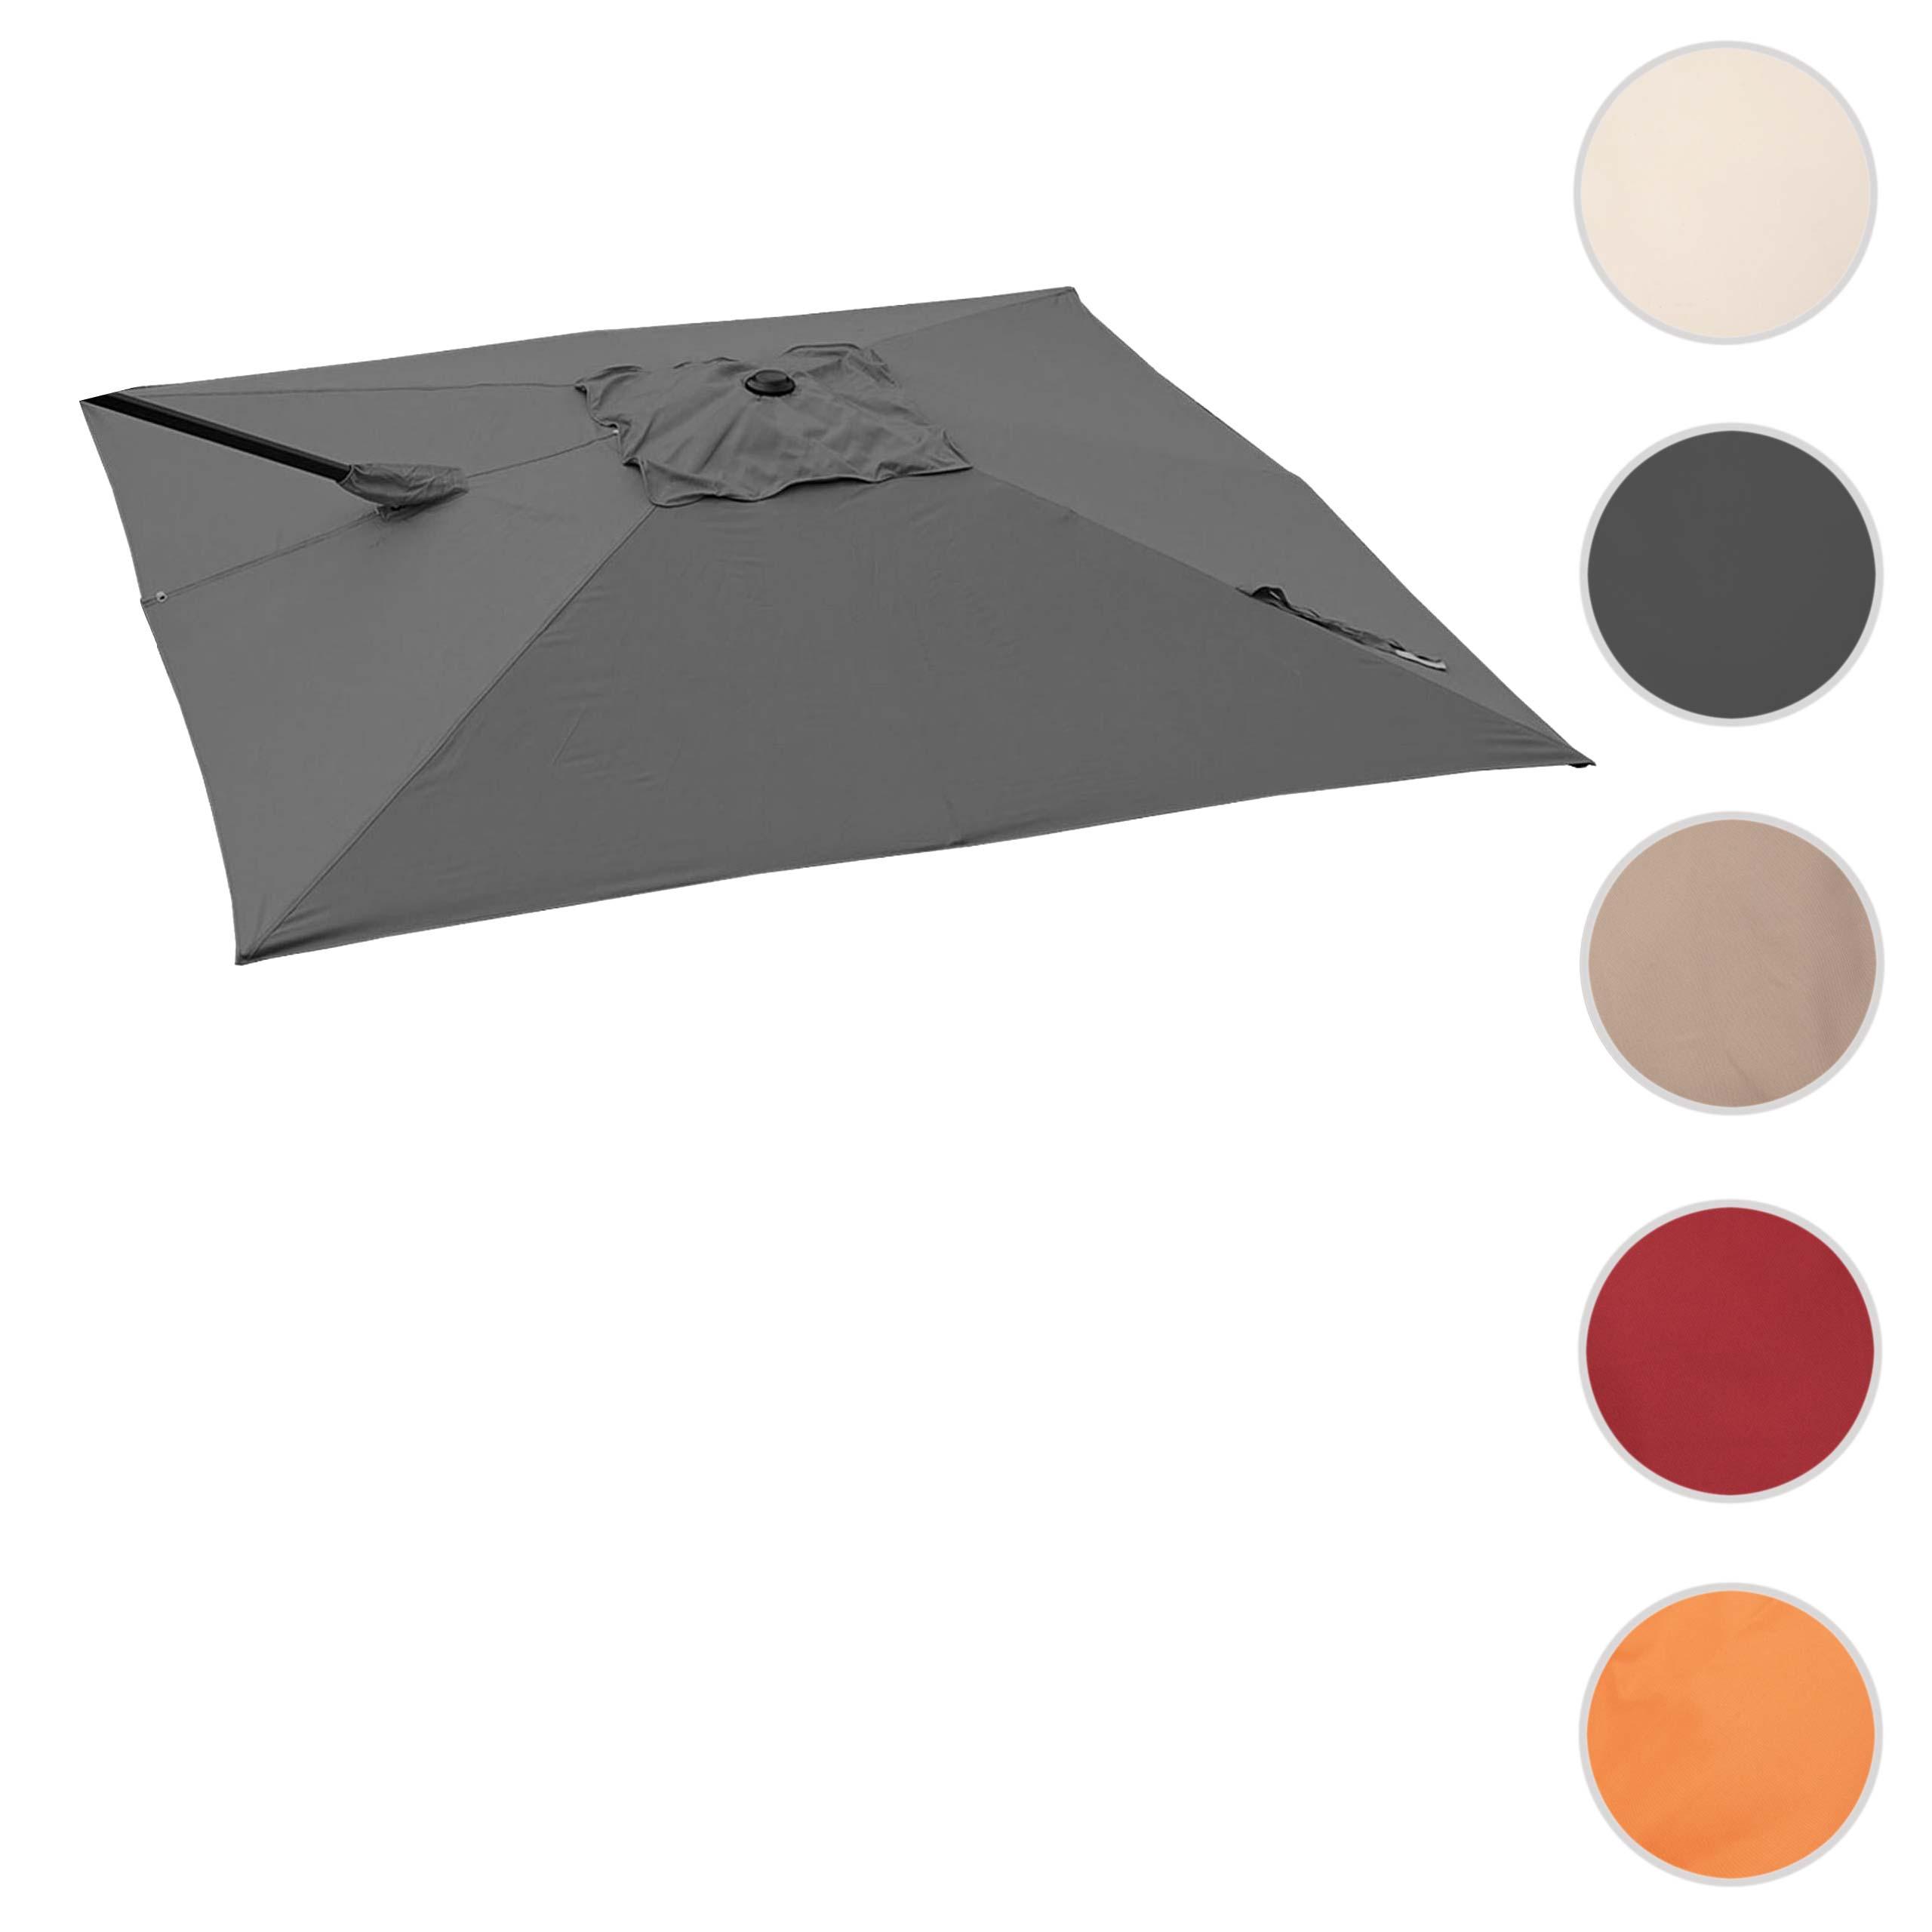 Mendler Bezug für Ampelschirm HWC-A39, Sonnenschirmbezug Ersatzbezug, 3x3m (Ř4,24m) Polyester 2,8kg ~ Varian 70333